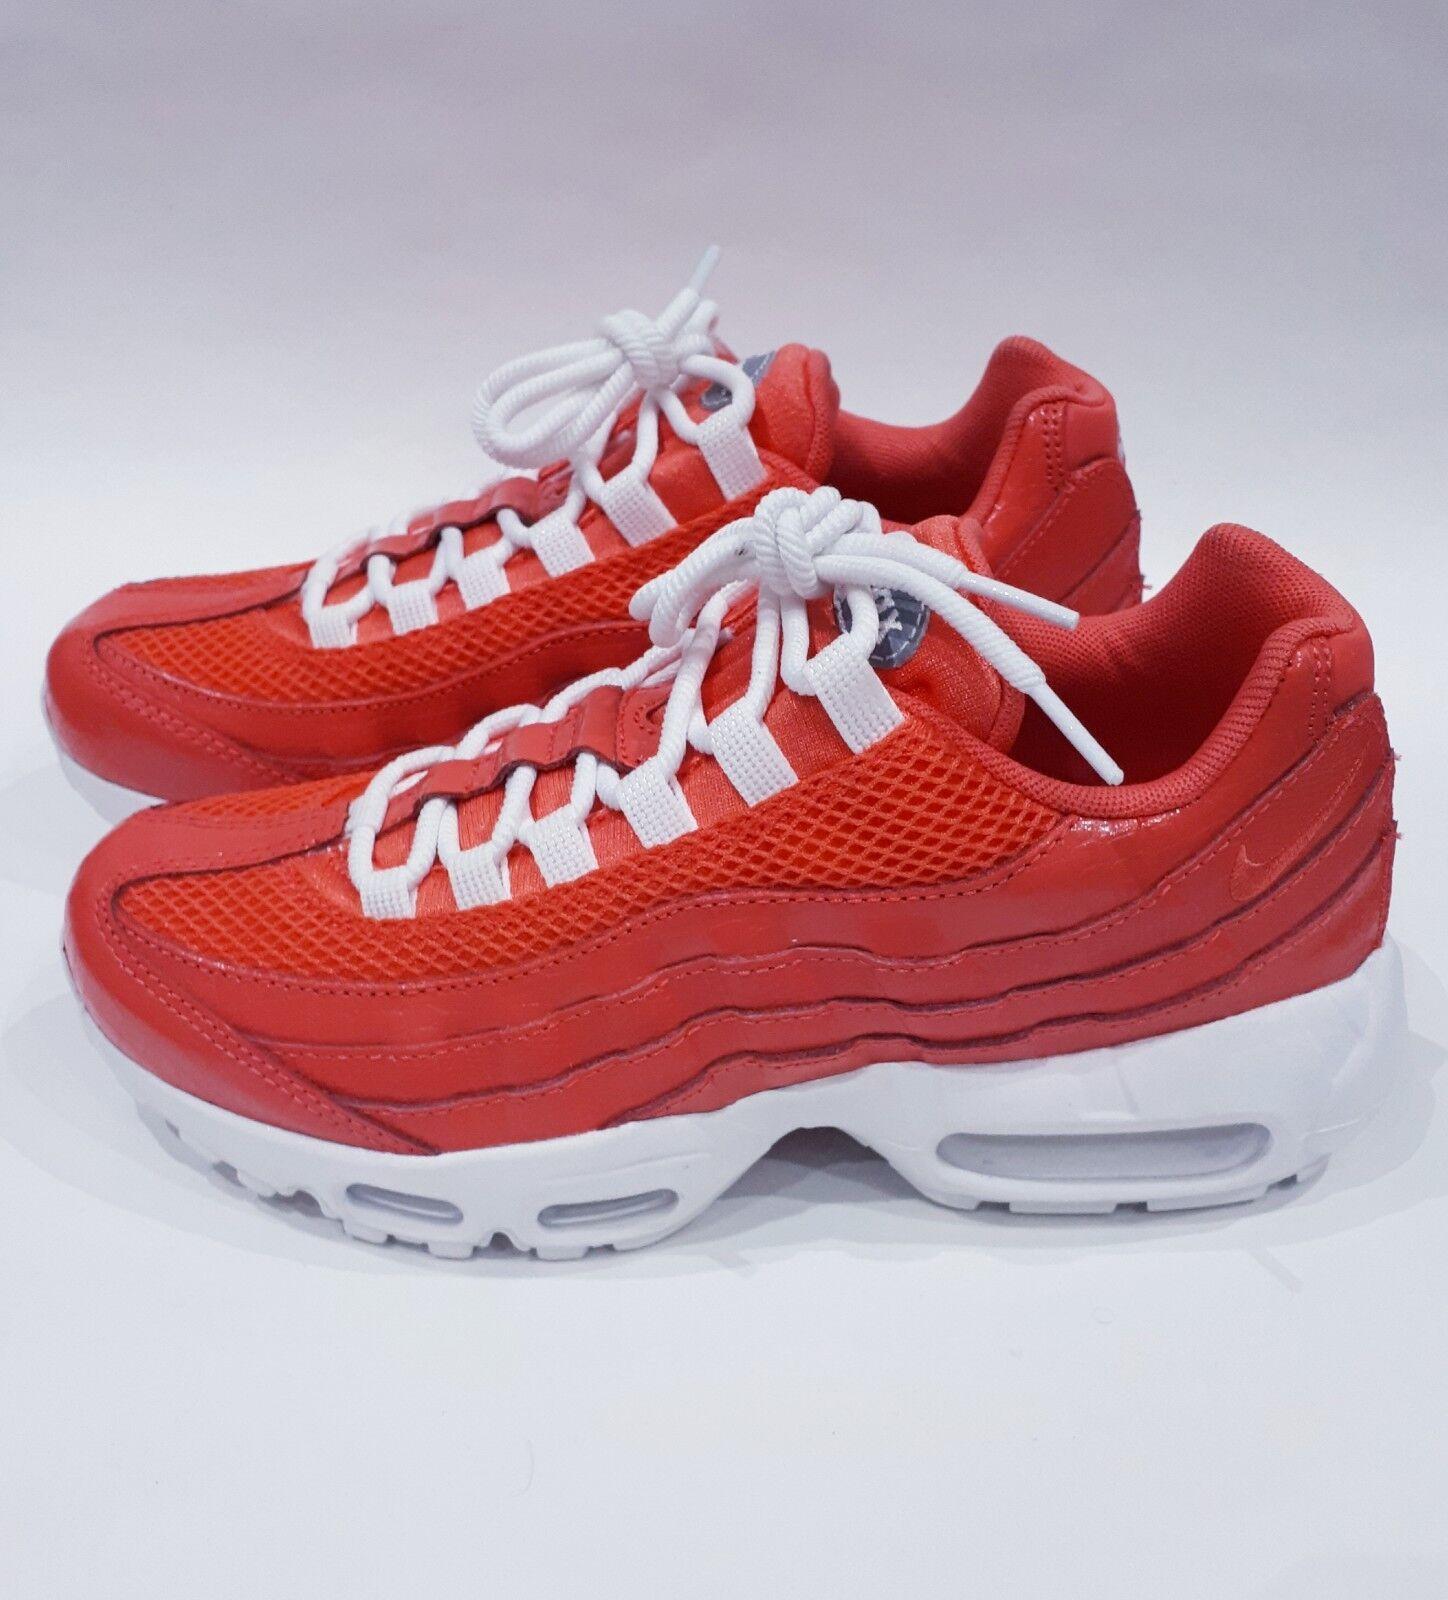 Rush Coral Para Mujer Nike Air Max 95 95 95 Premium. UK 3, EUR 36, Cm 22.5  mejor servicio